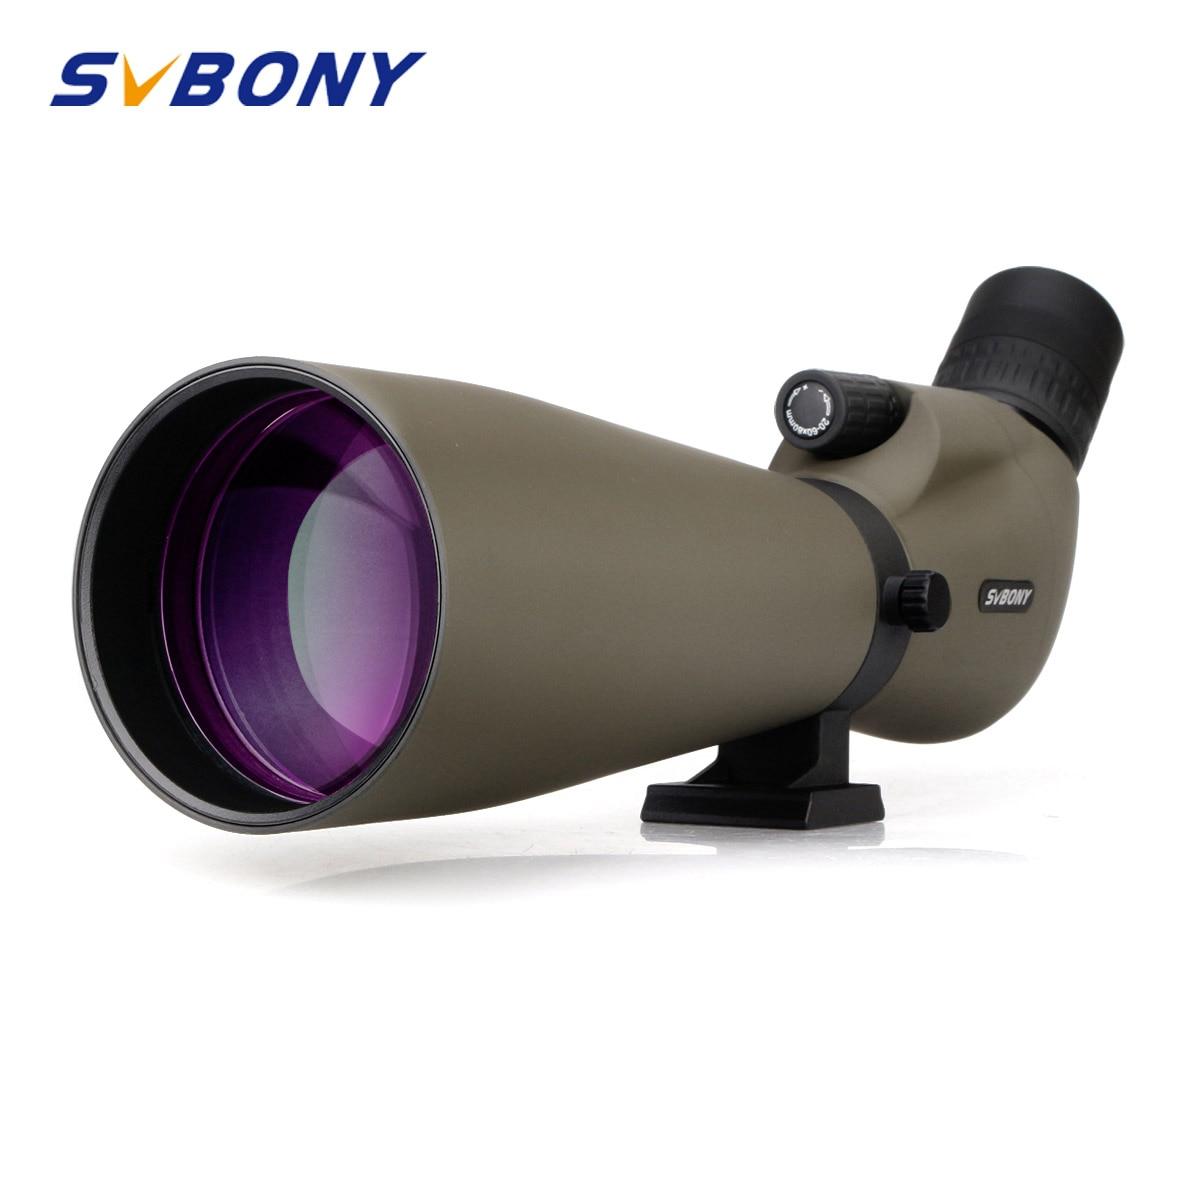 Svbony Cannocchiale 20-60x80 Zoom Telescopio Monoculare Ottica Multi-Coated Rifrattore Spyglass Telescopio Impermeabile w/Treppiede per caccia, tiro a segno, tiro con l'arco, osservazione uccelli